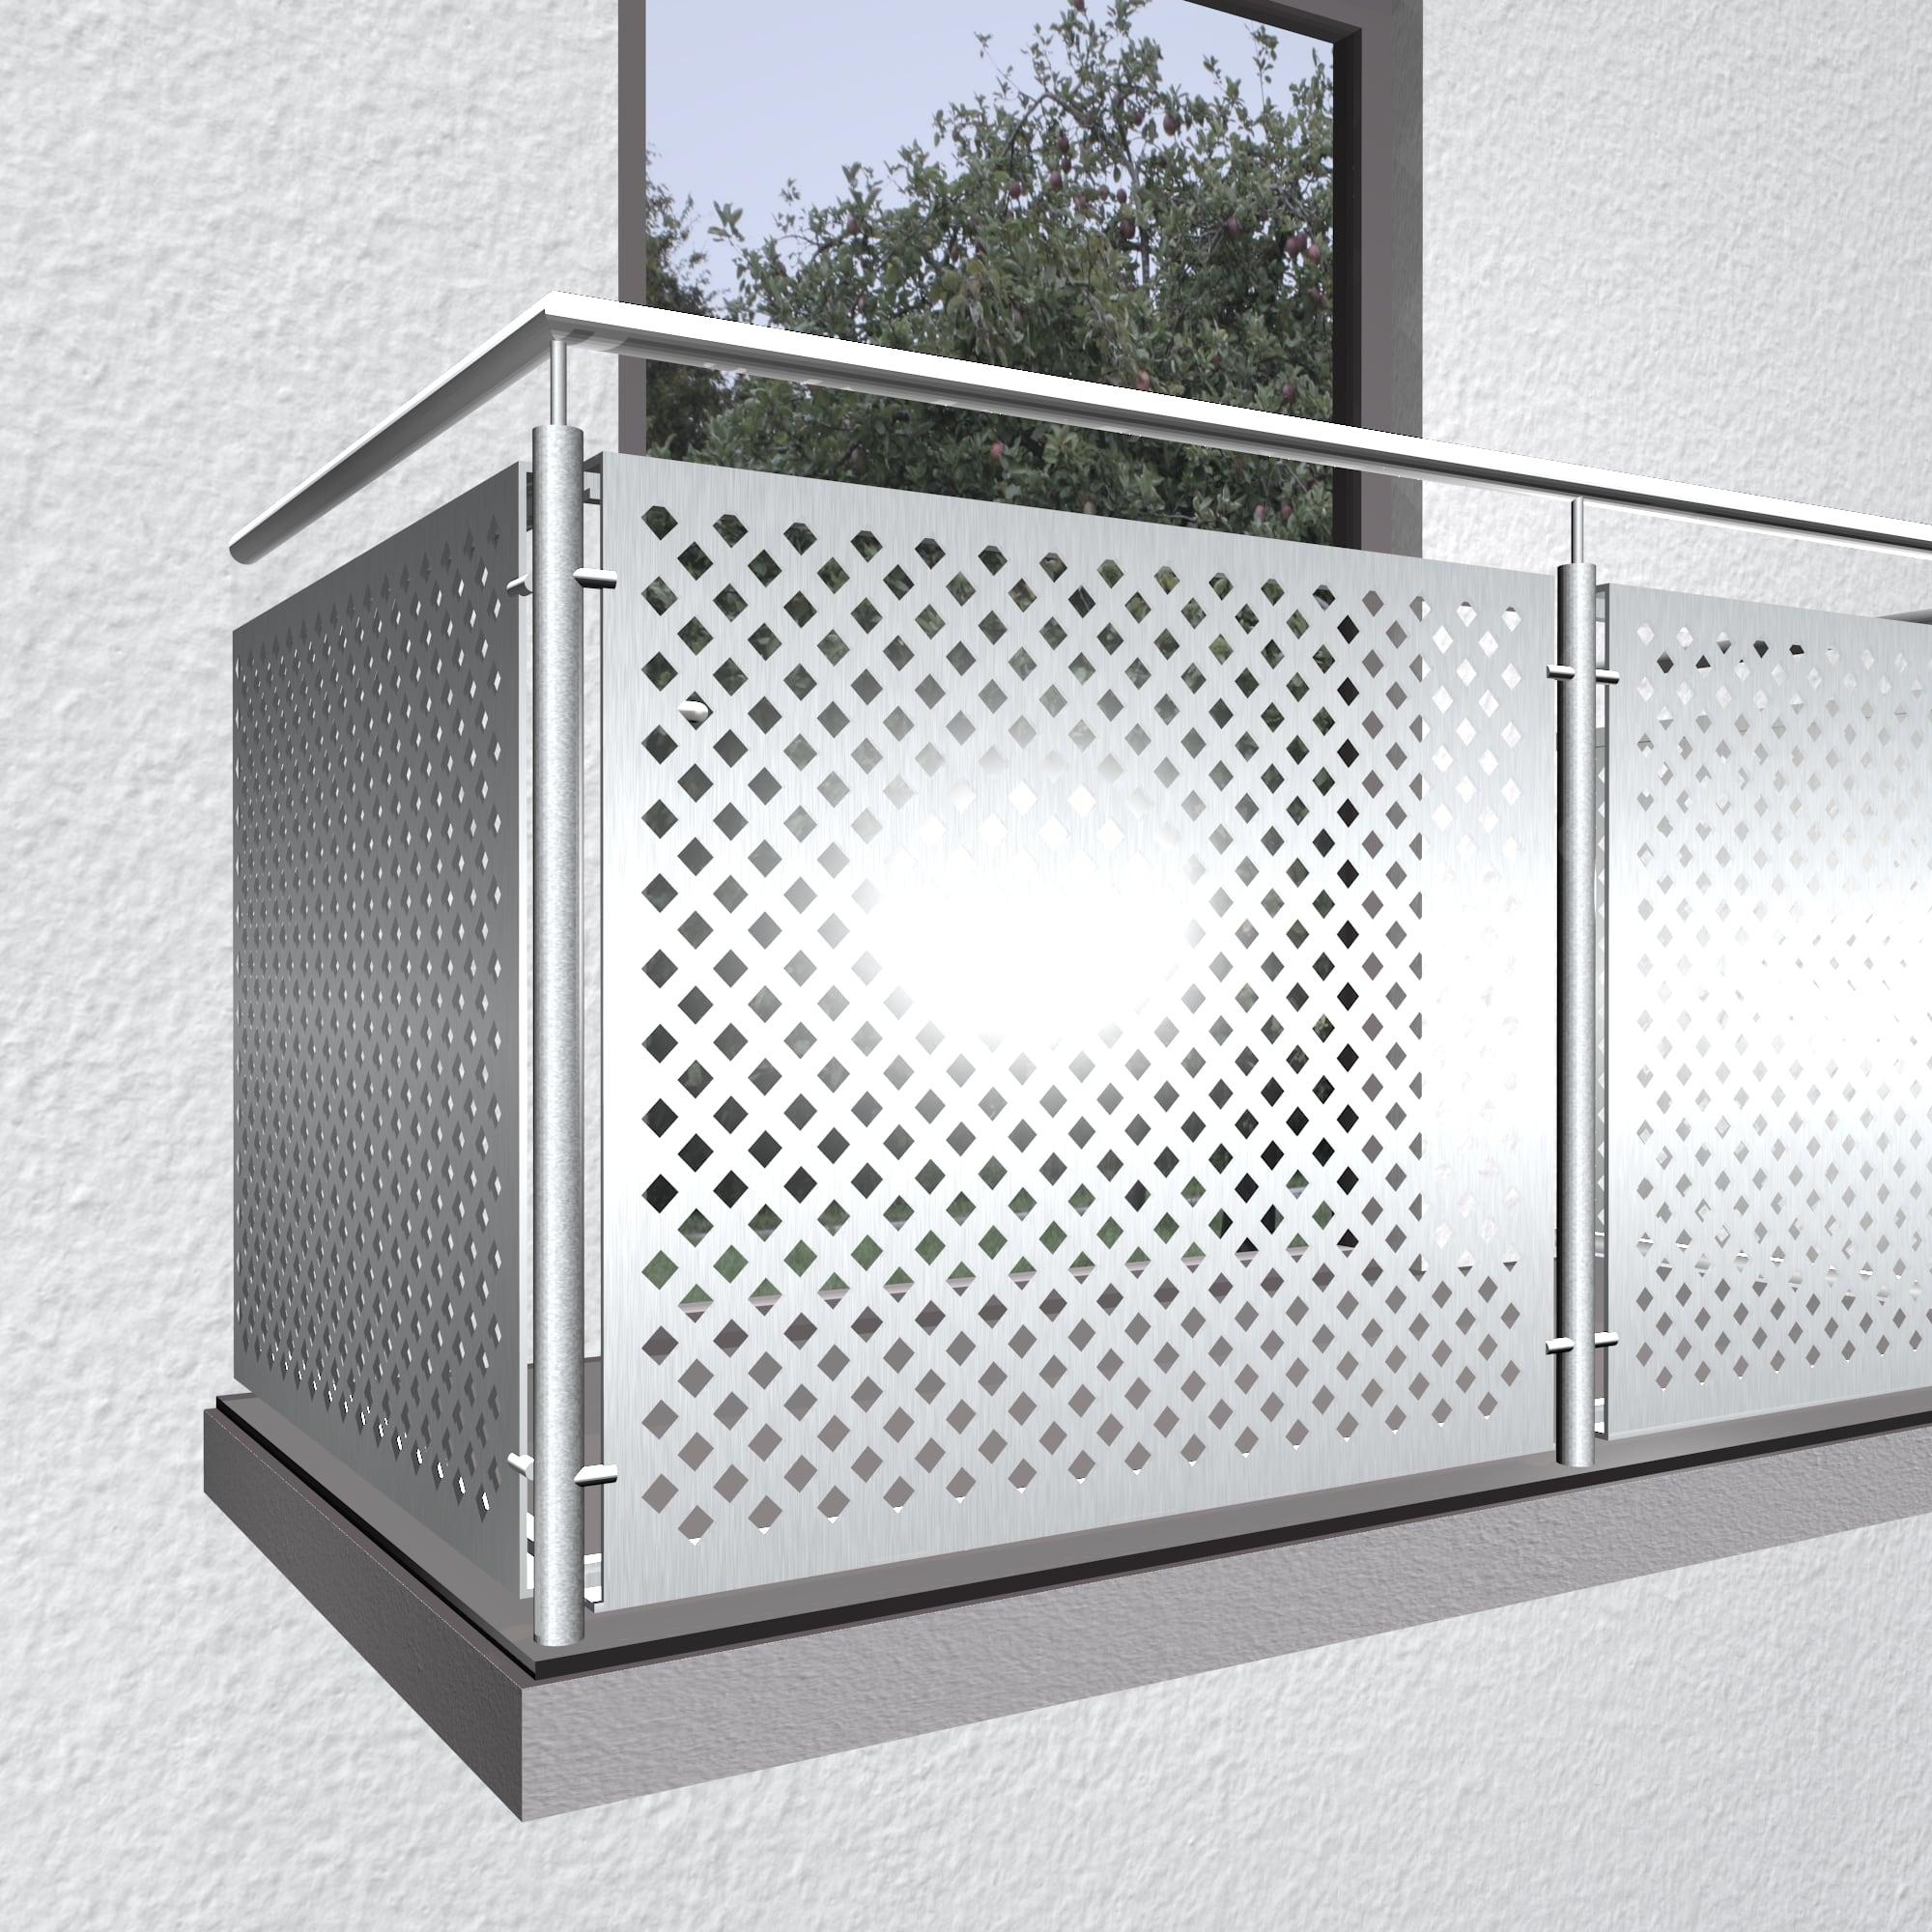 Balkonverkleidung Aluminium QL DI VE